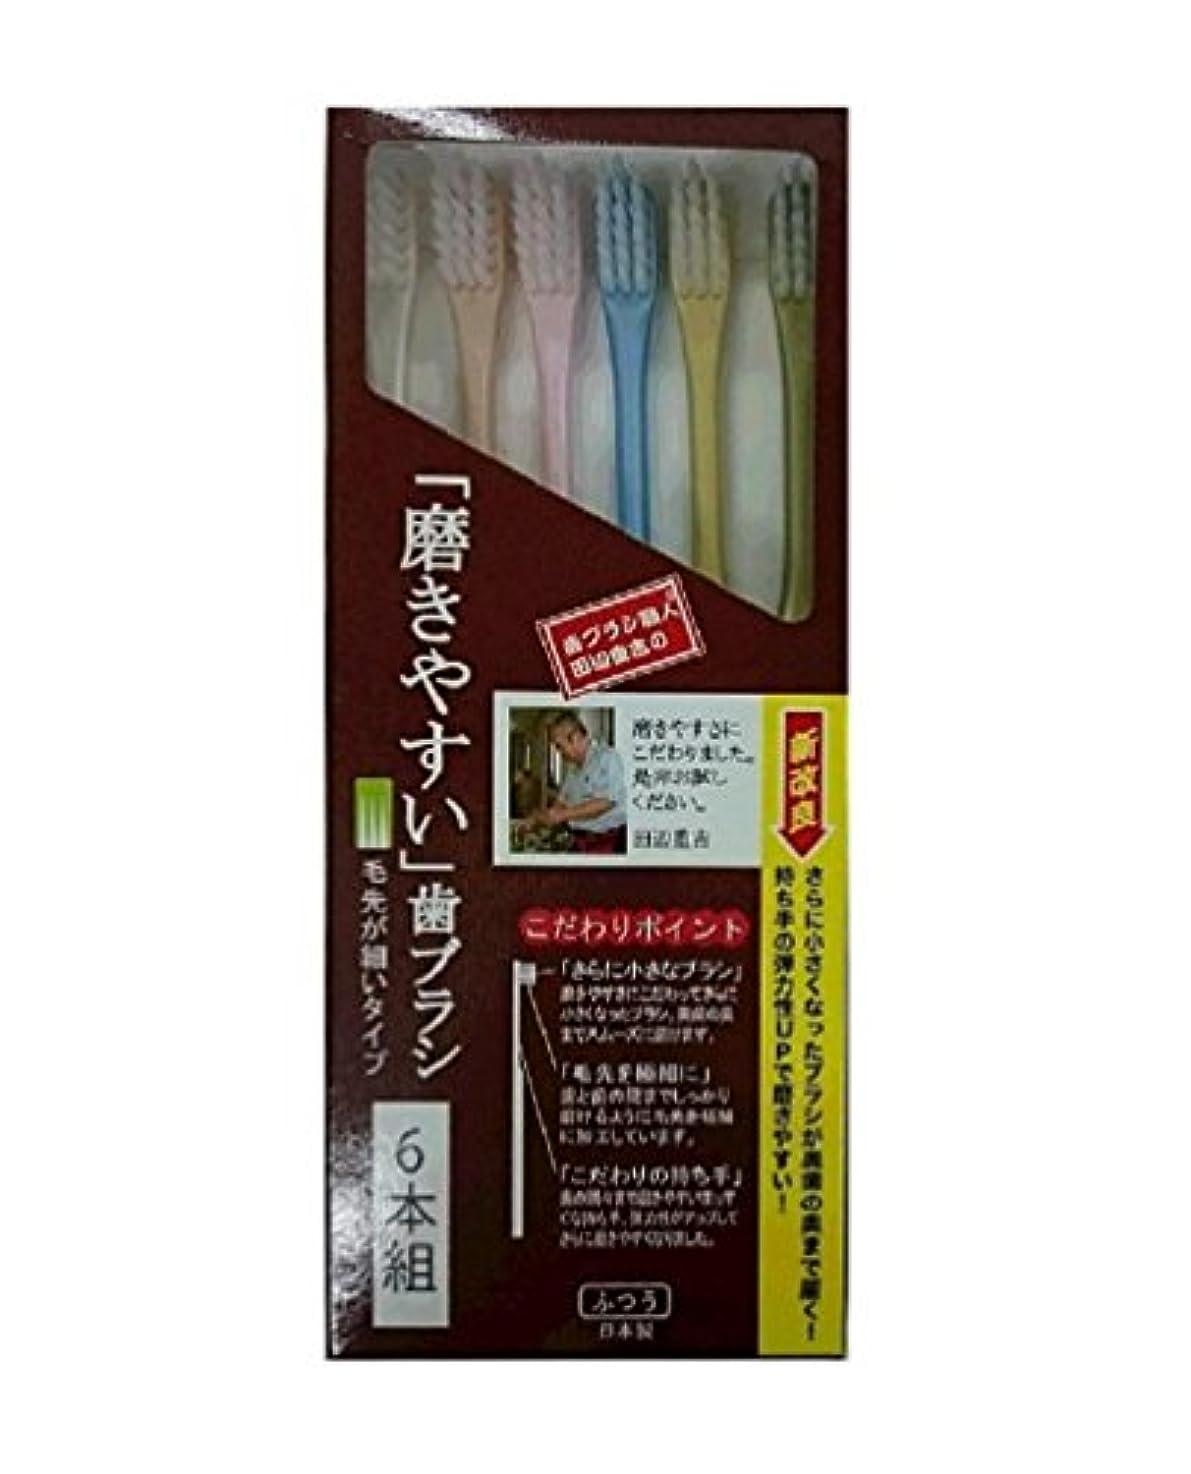 スカウトアセンブリ自動車歯ブラシ職人 田辺重吉考案 磨きやすい歯ブラシ 先細 6本組